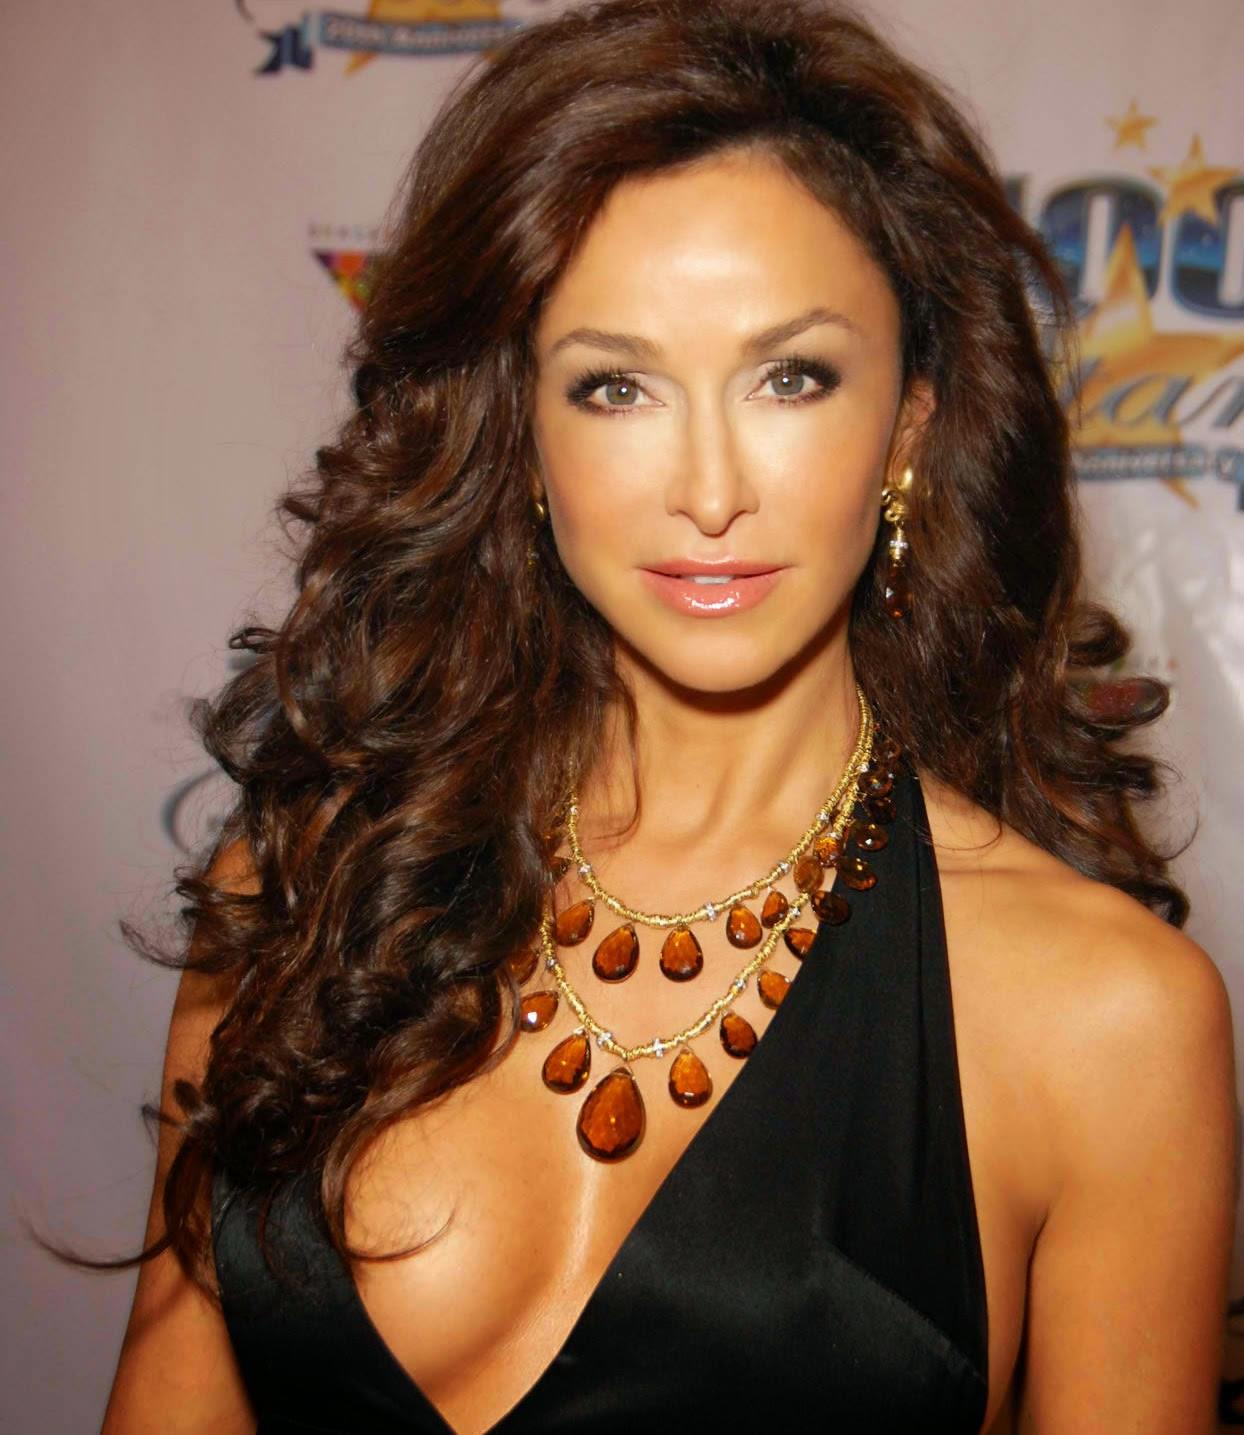 Sophia Milos